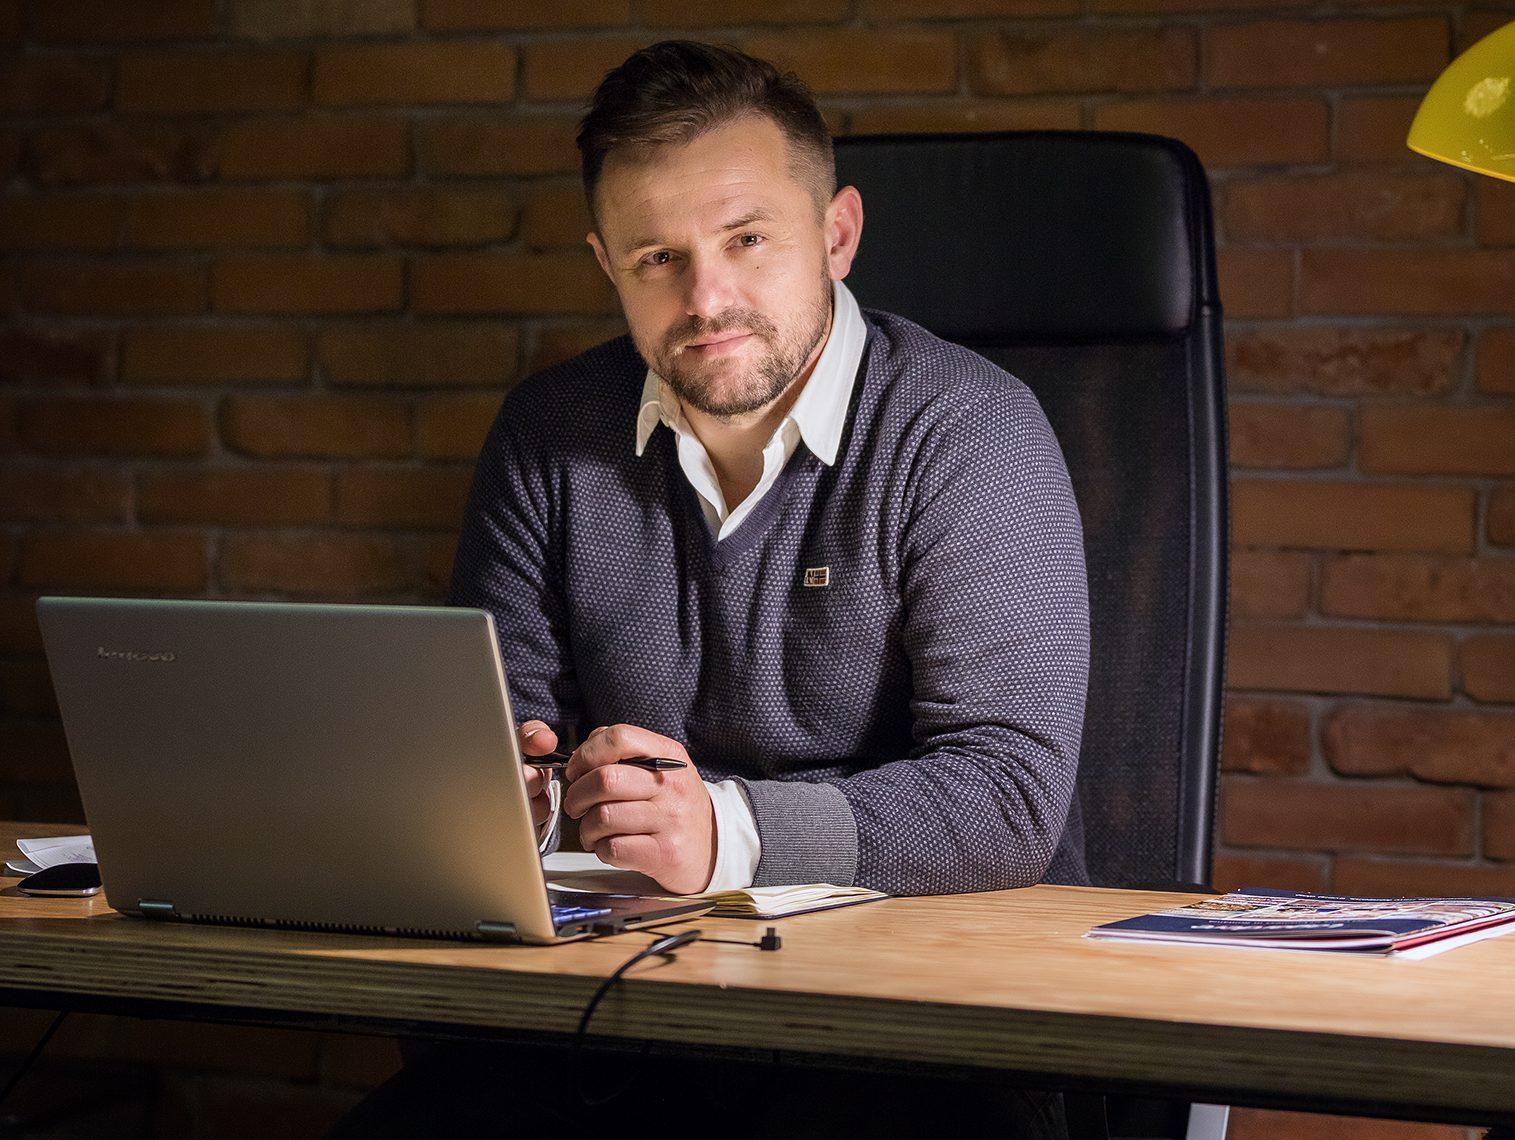 """Lanţul de cafenele TED'S Coffee, fondat de Vasi Andreica, va deschide trei noi locaţii în Bucureşti, în luna septembrie. """"Suntem într-un proces de revenire în HoReCa, dar ne aflăm în continuare într-o zonă cu turbulenţe"""""""